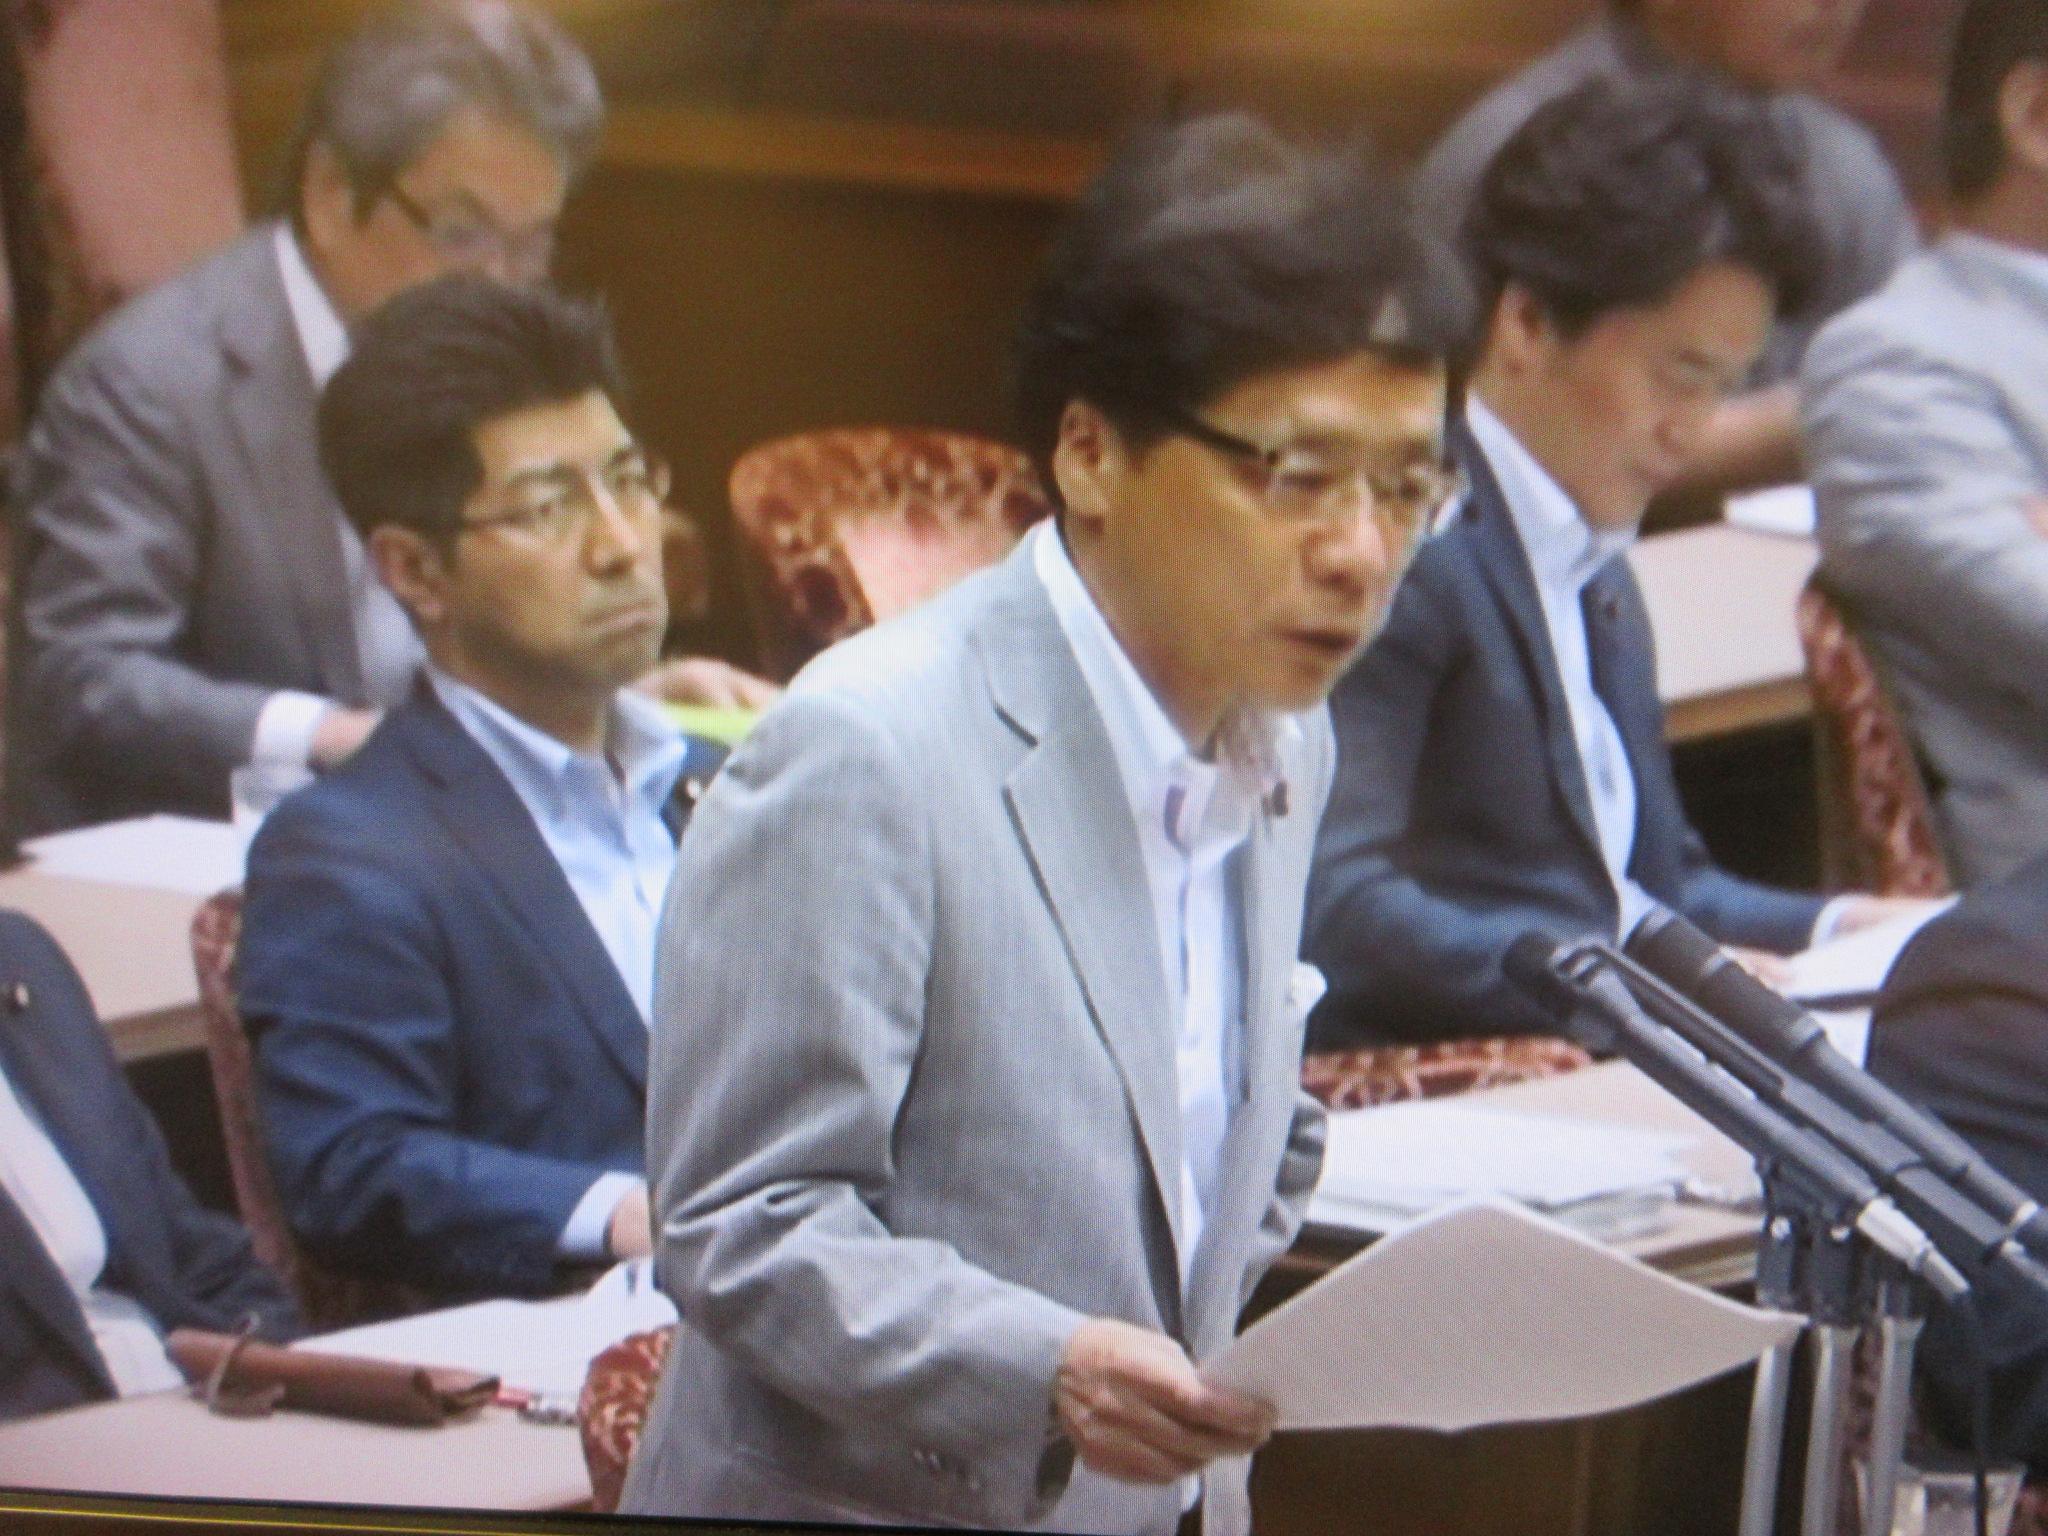 http://www.inoue-satoshi.com/diary/IMG_5637.JPG